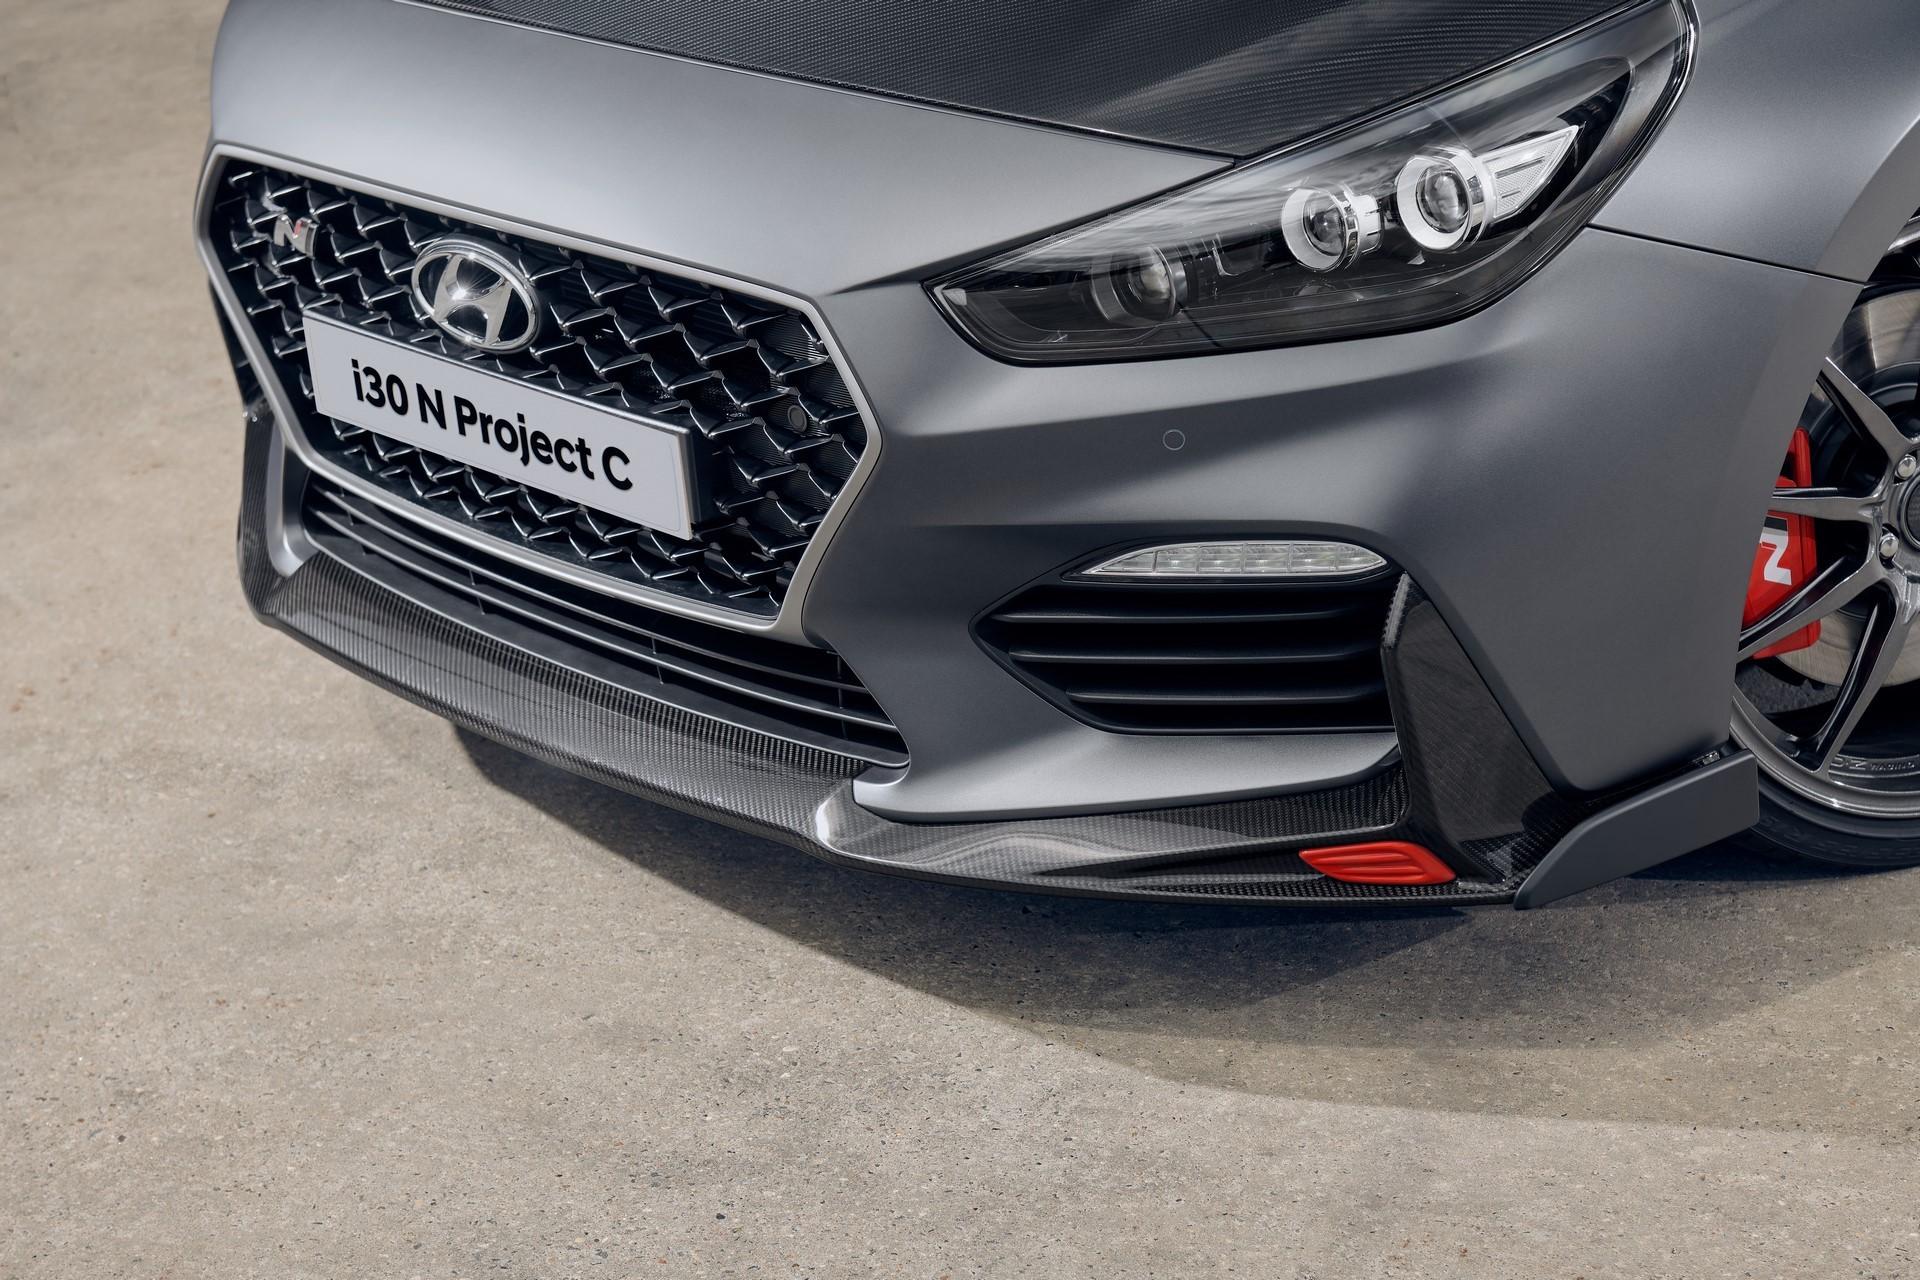 Hyundai-i30-n-Project-C-10